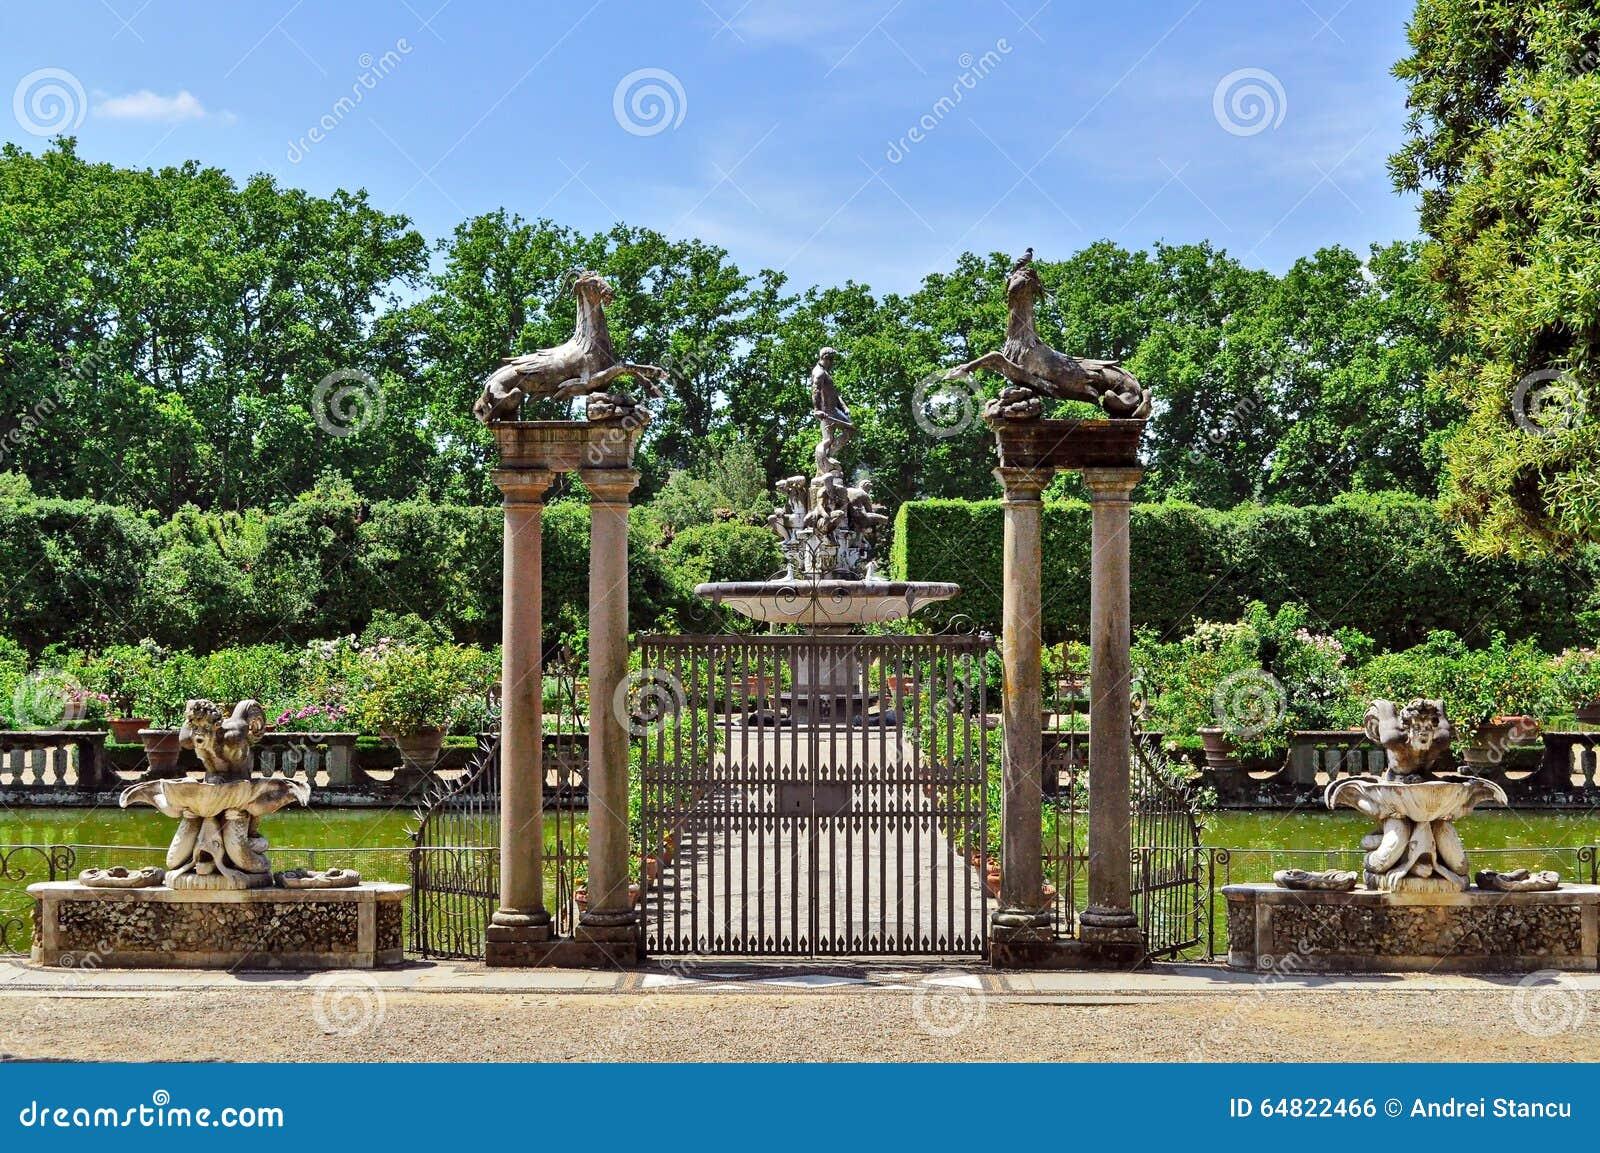 Fontana dei giardini di boboli fotografia stock immagine di estate italiano 64822466 - I giardini di boboli ...